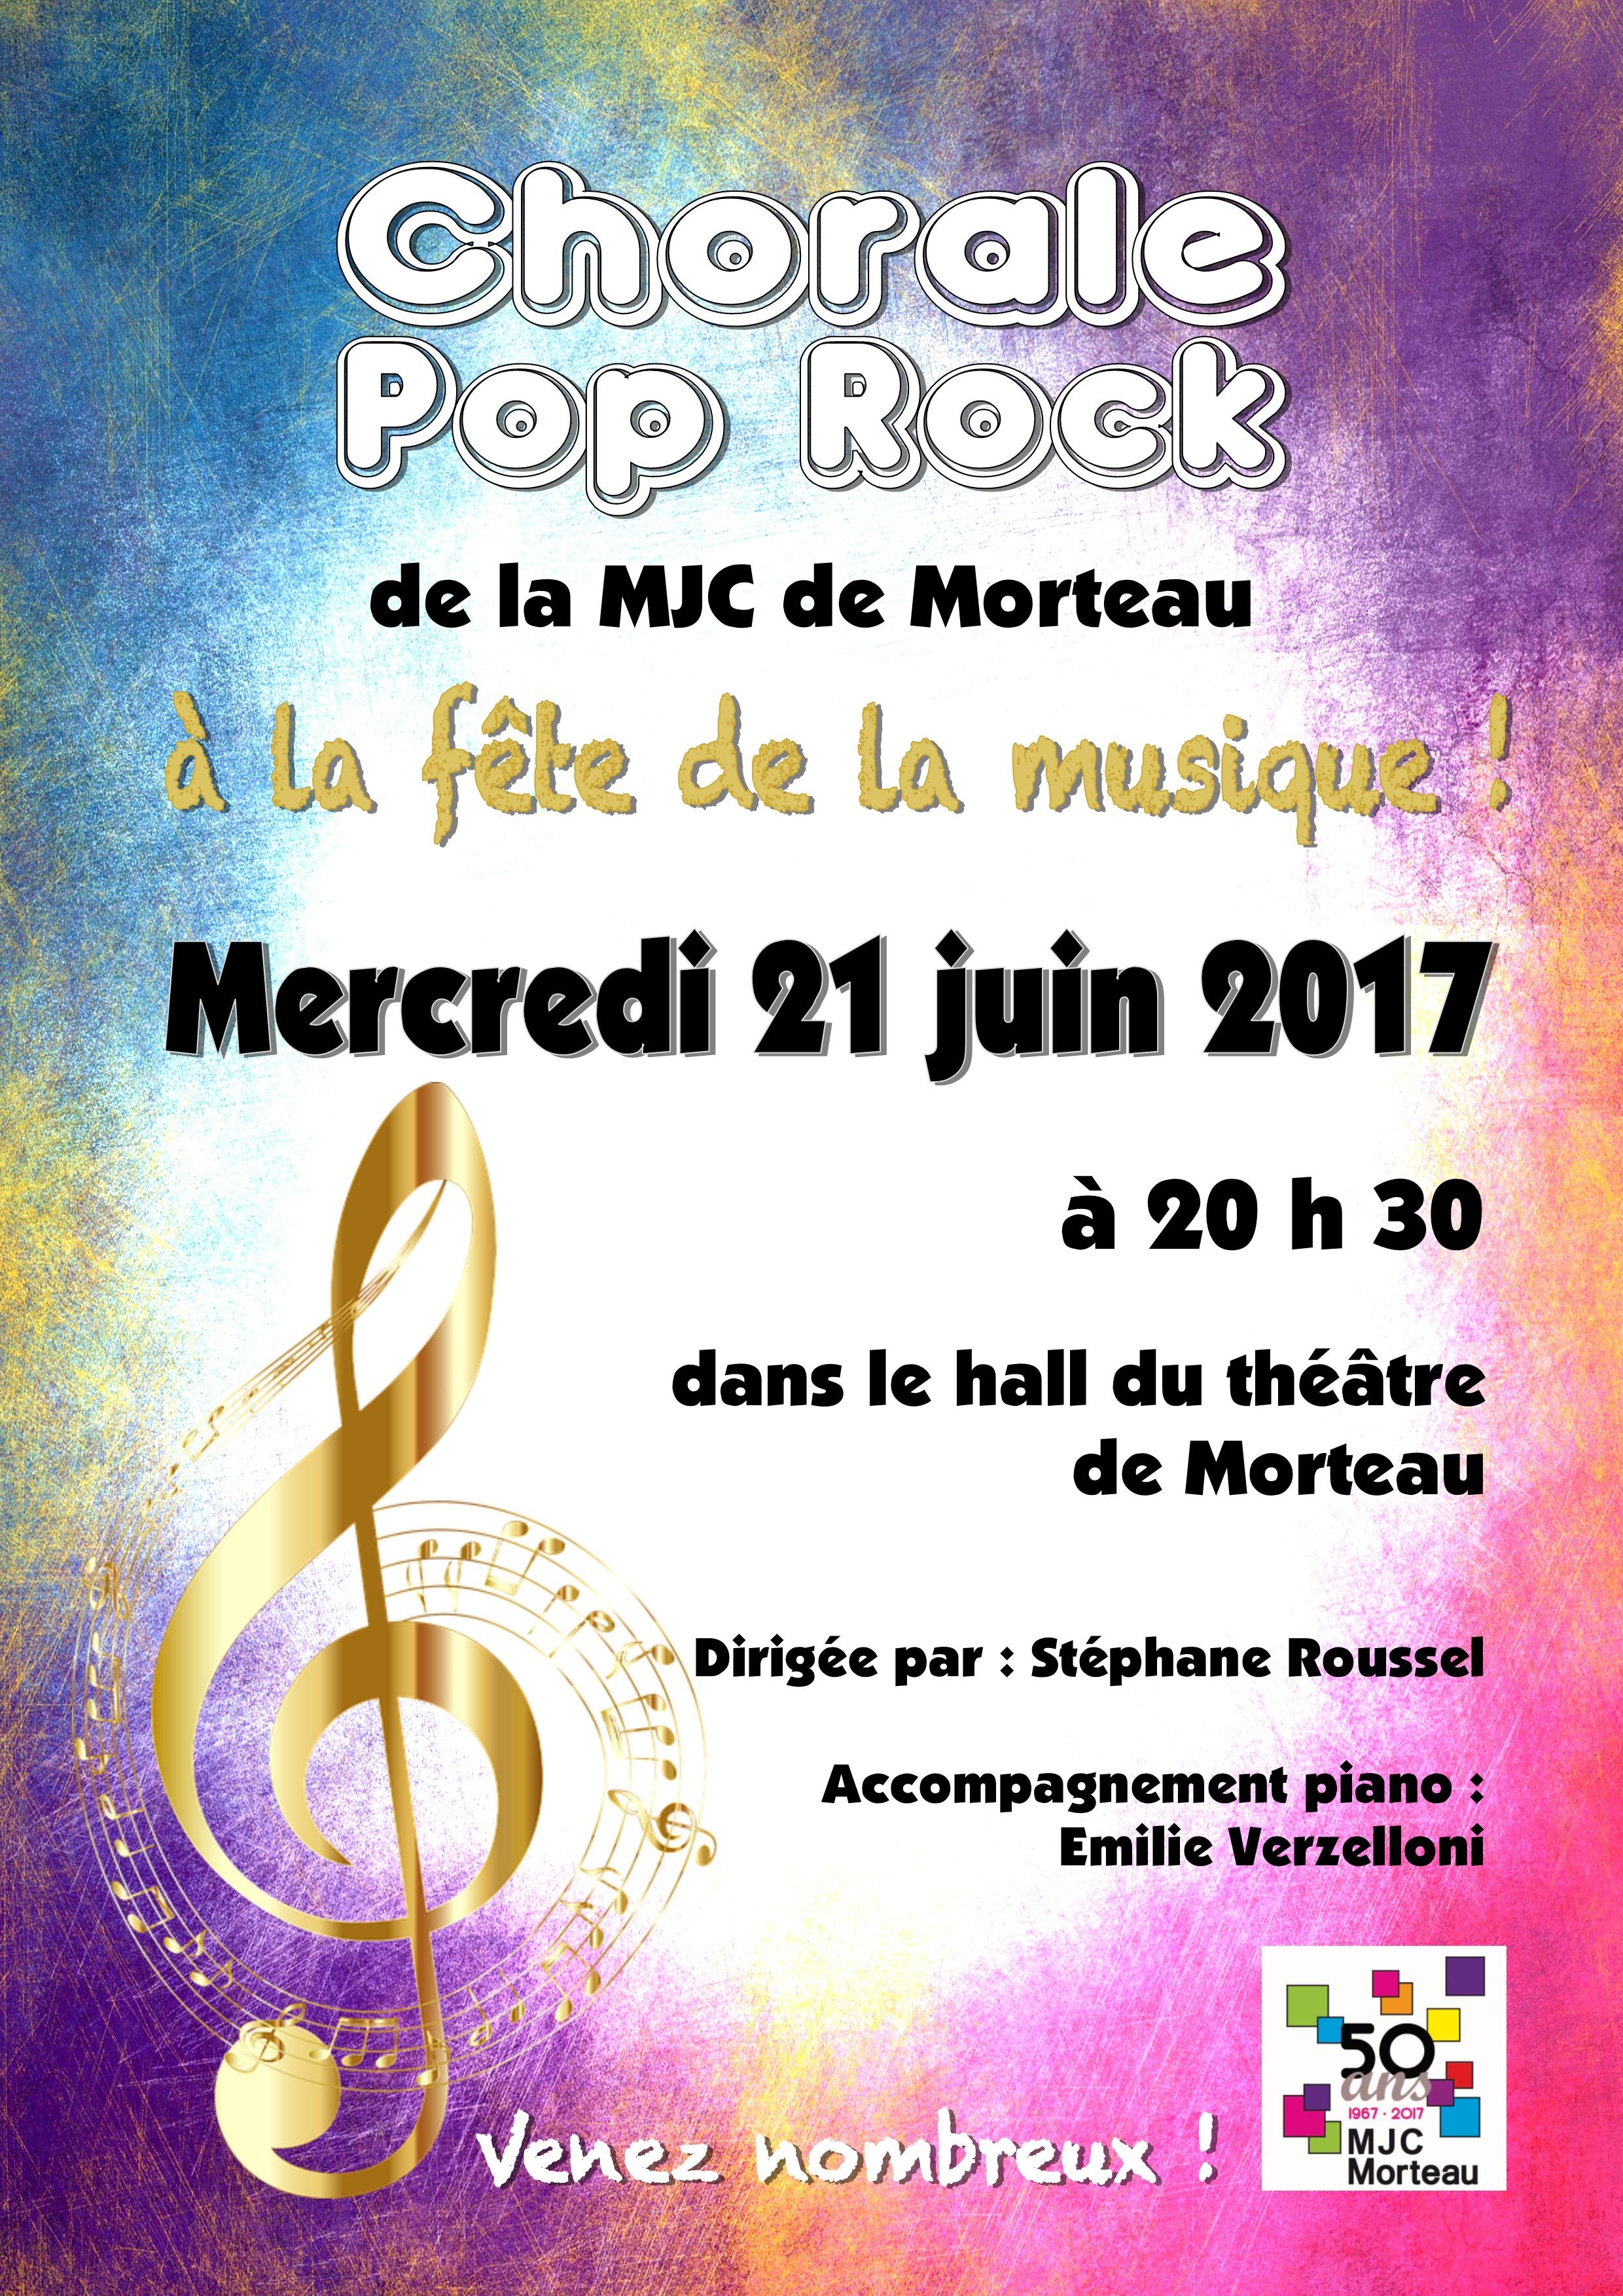 chorale pop rock - fete de la musique